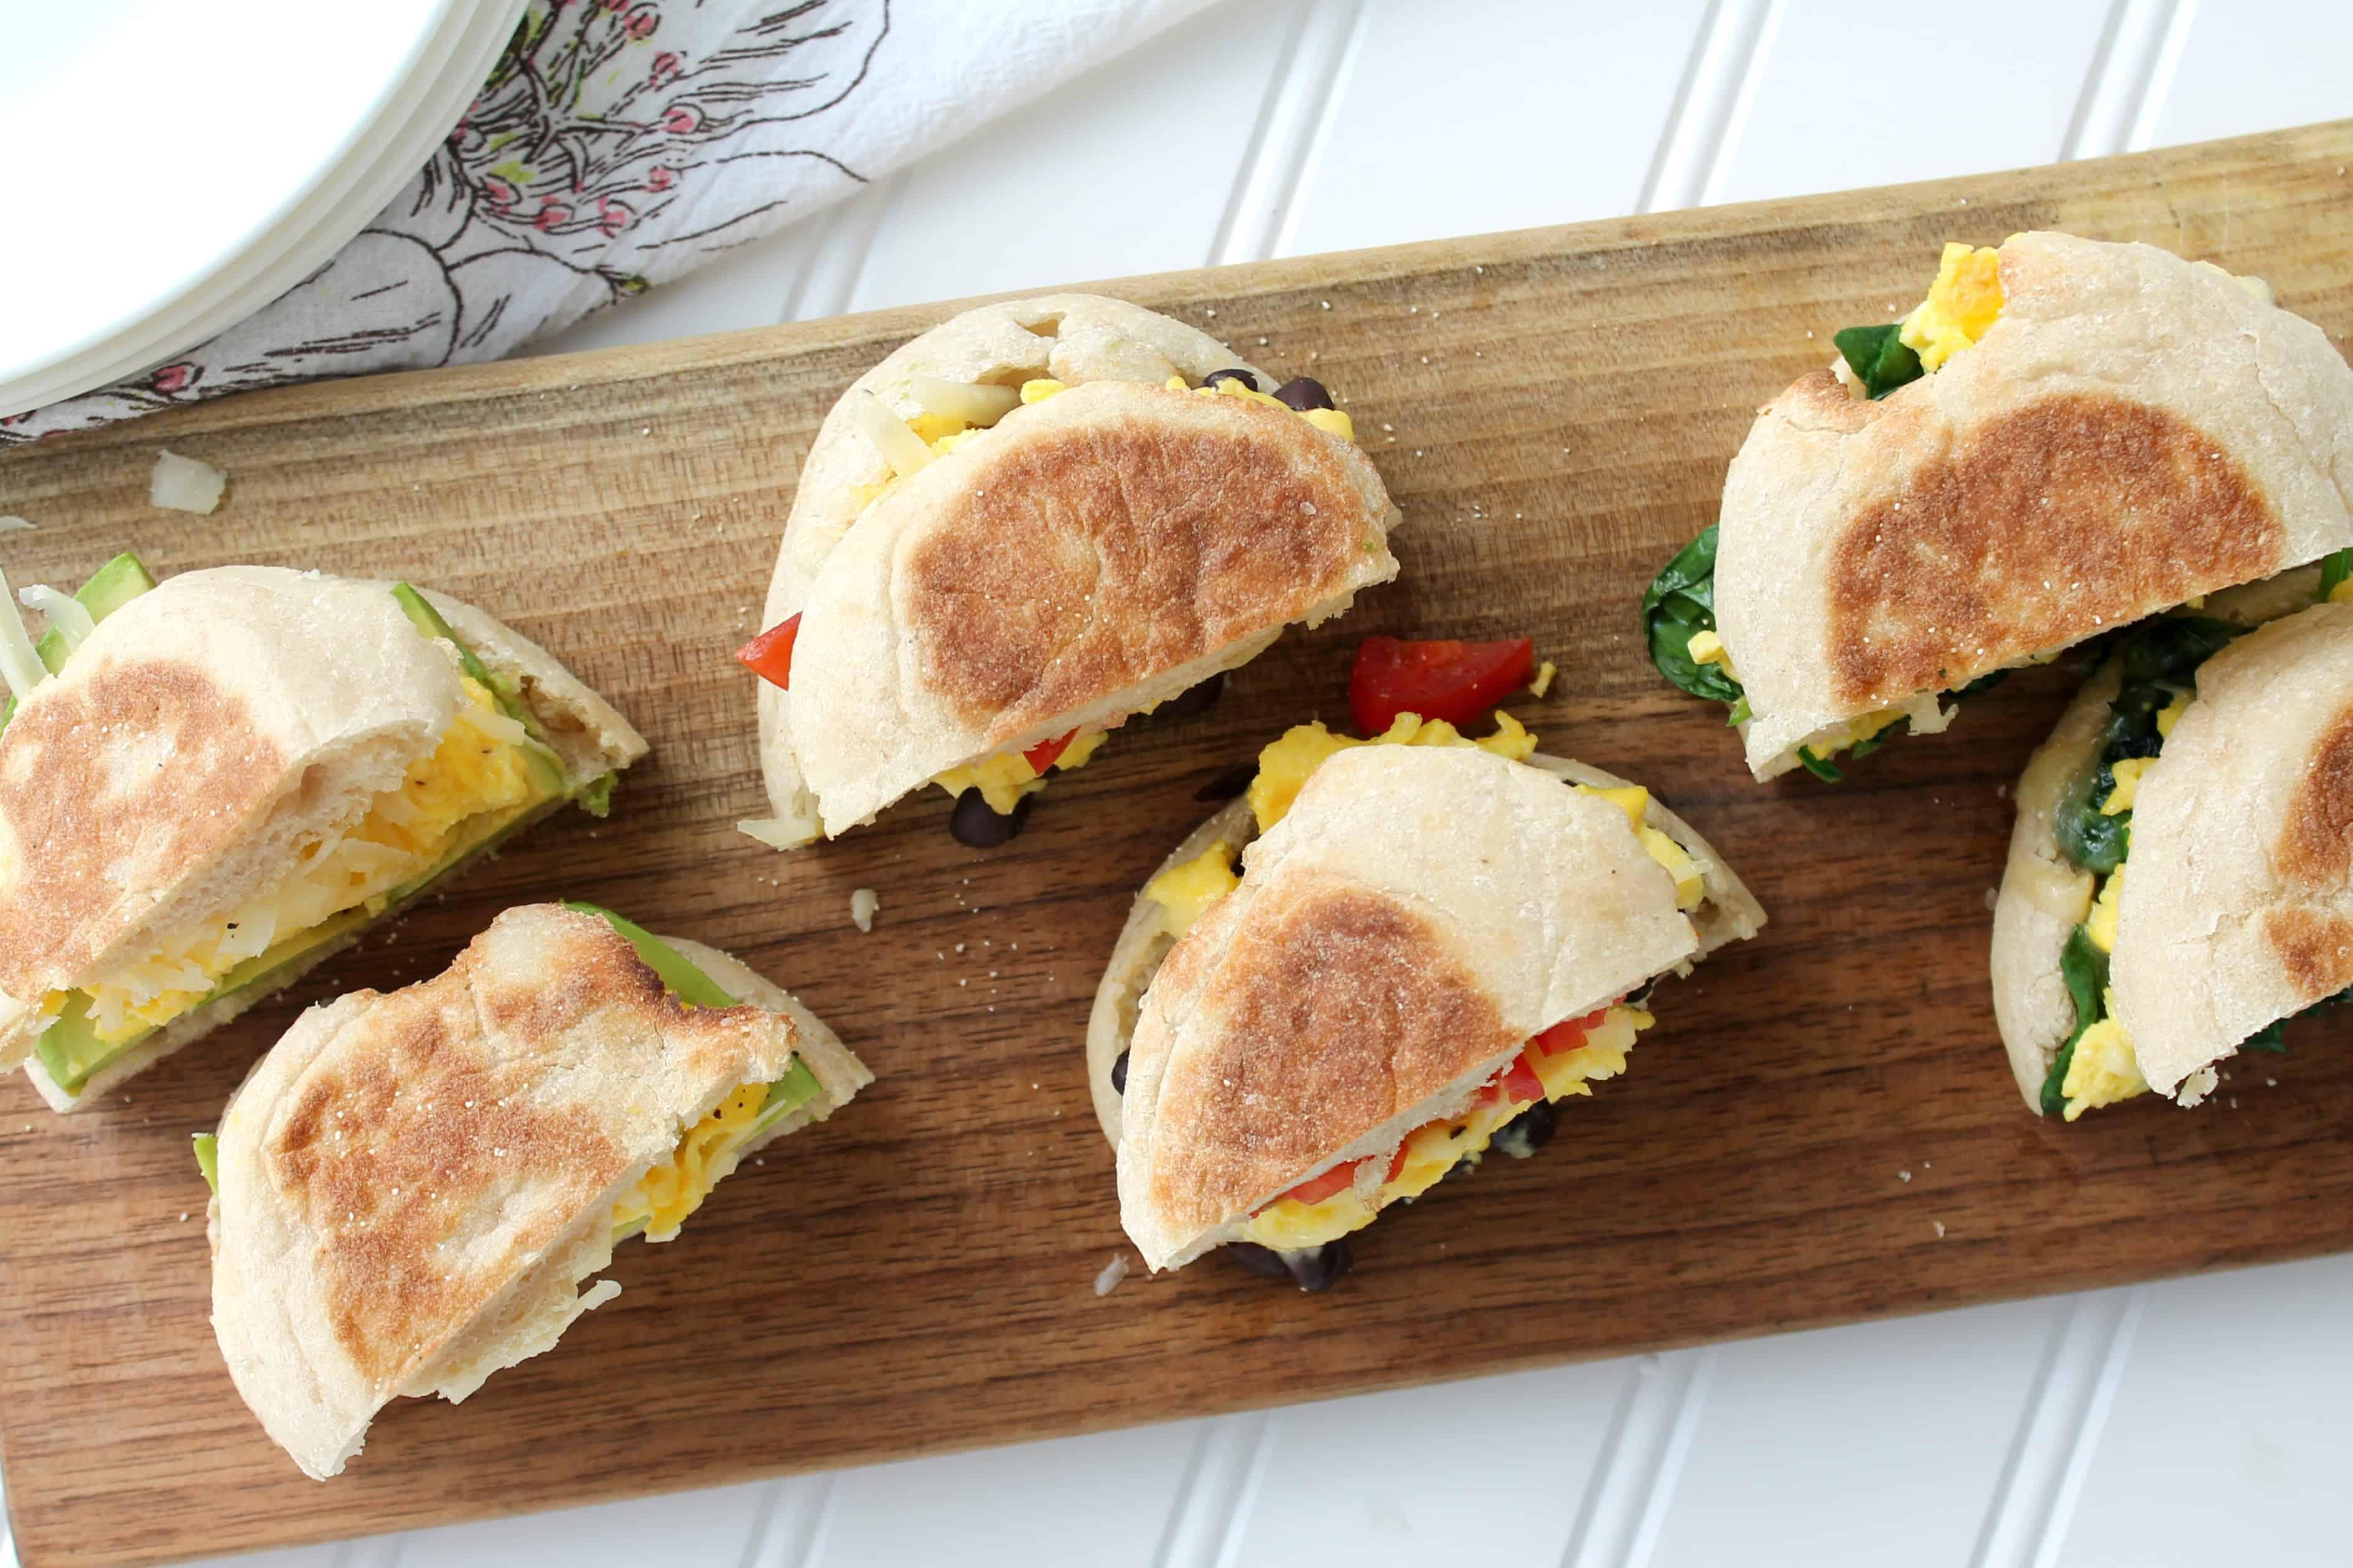 Breakfast sandwich bar